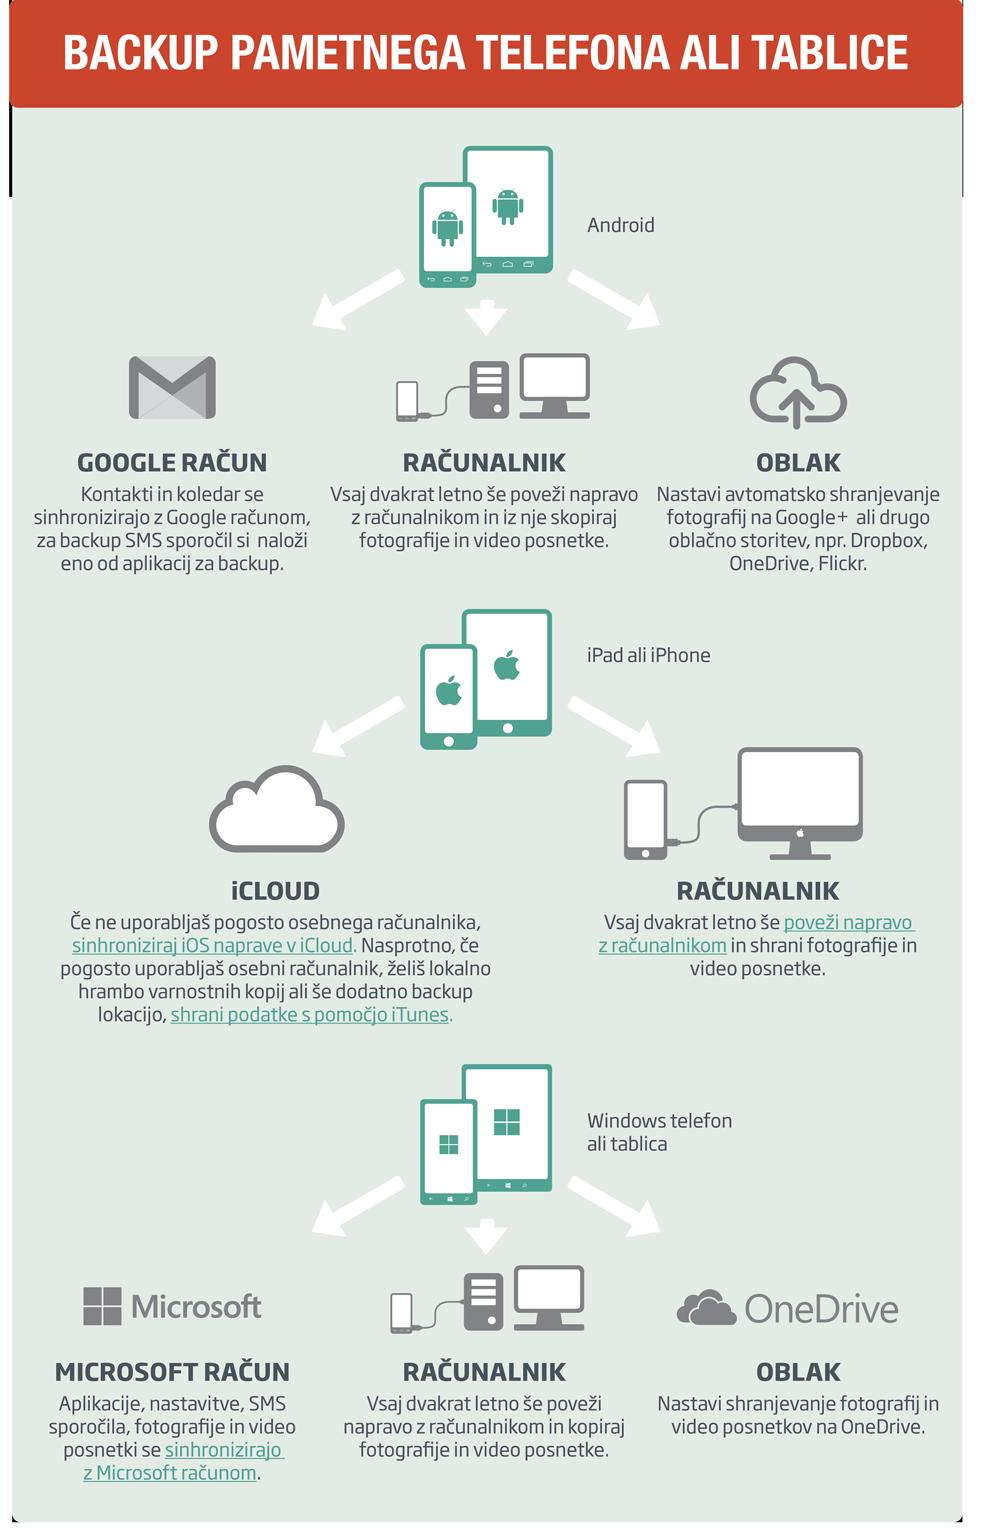 Grafika, ki ponazarja, kako narediti backup pametnega telefona ali tablice.